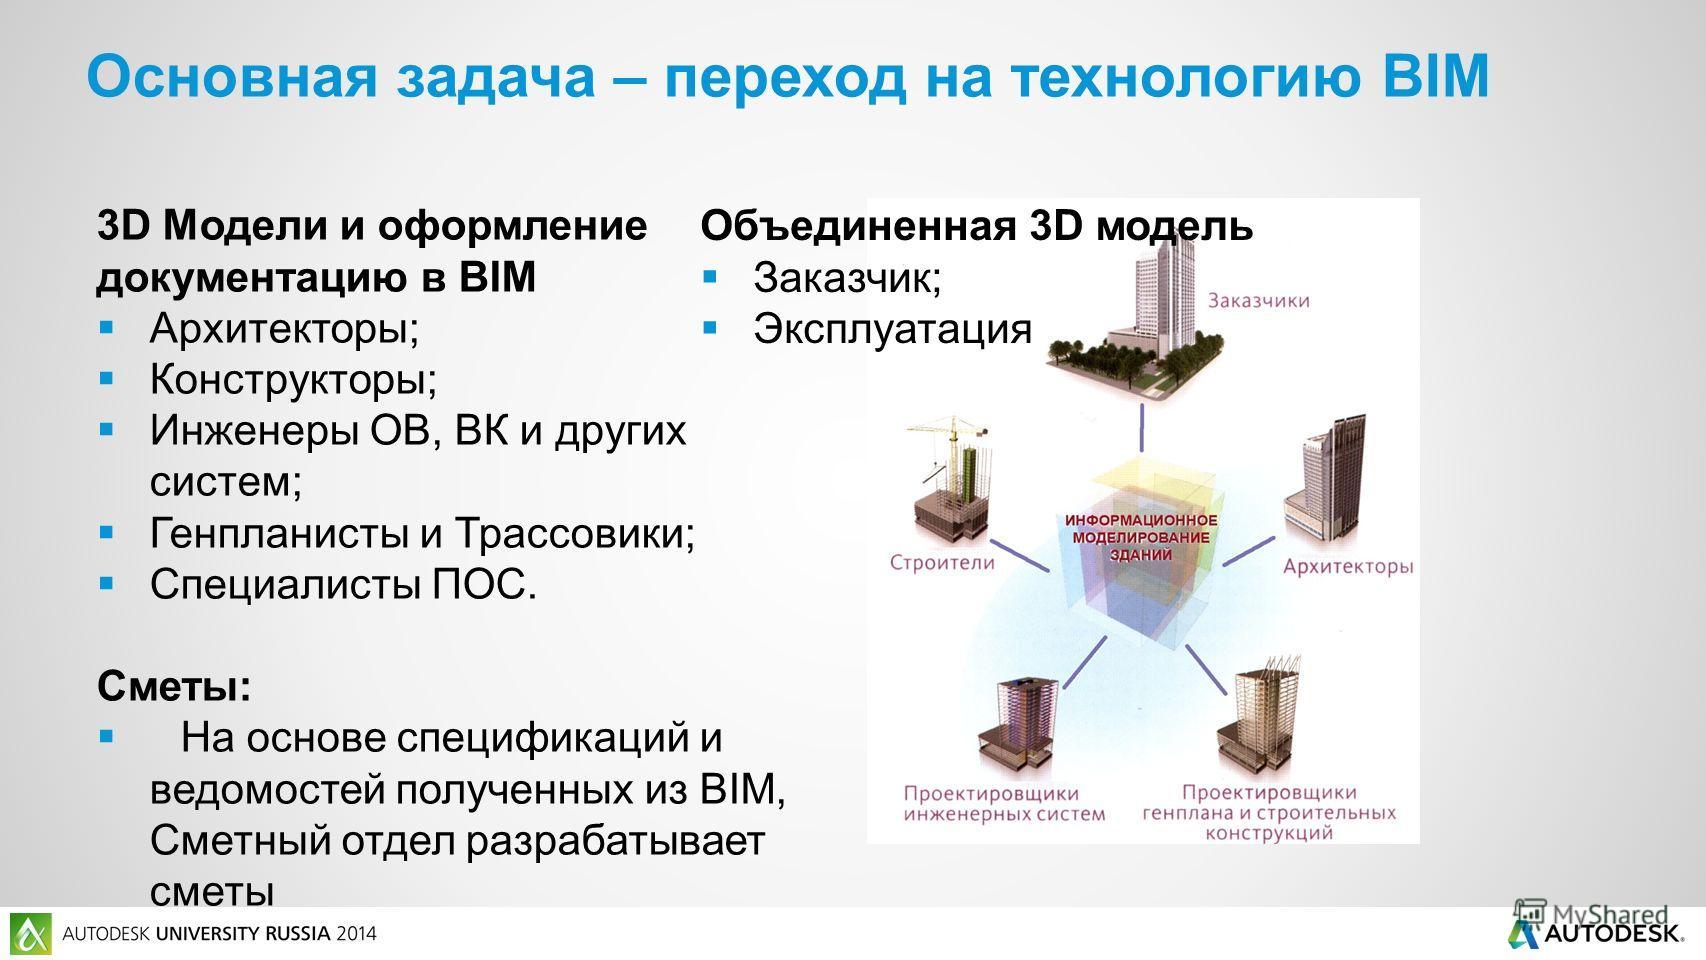 3D Модели и оформление документацию в BIM Архитекторы; Конструкторы; Инженеры ОВ, ВК и других систем; Генпланисты и Трассовики; Специалисты ПОС. Сметы: На основе спецификаций и ведомостей полученных из BIM, Сметный отдел разрабатывает сметы Объединен